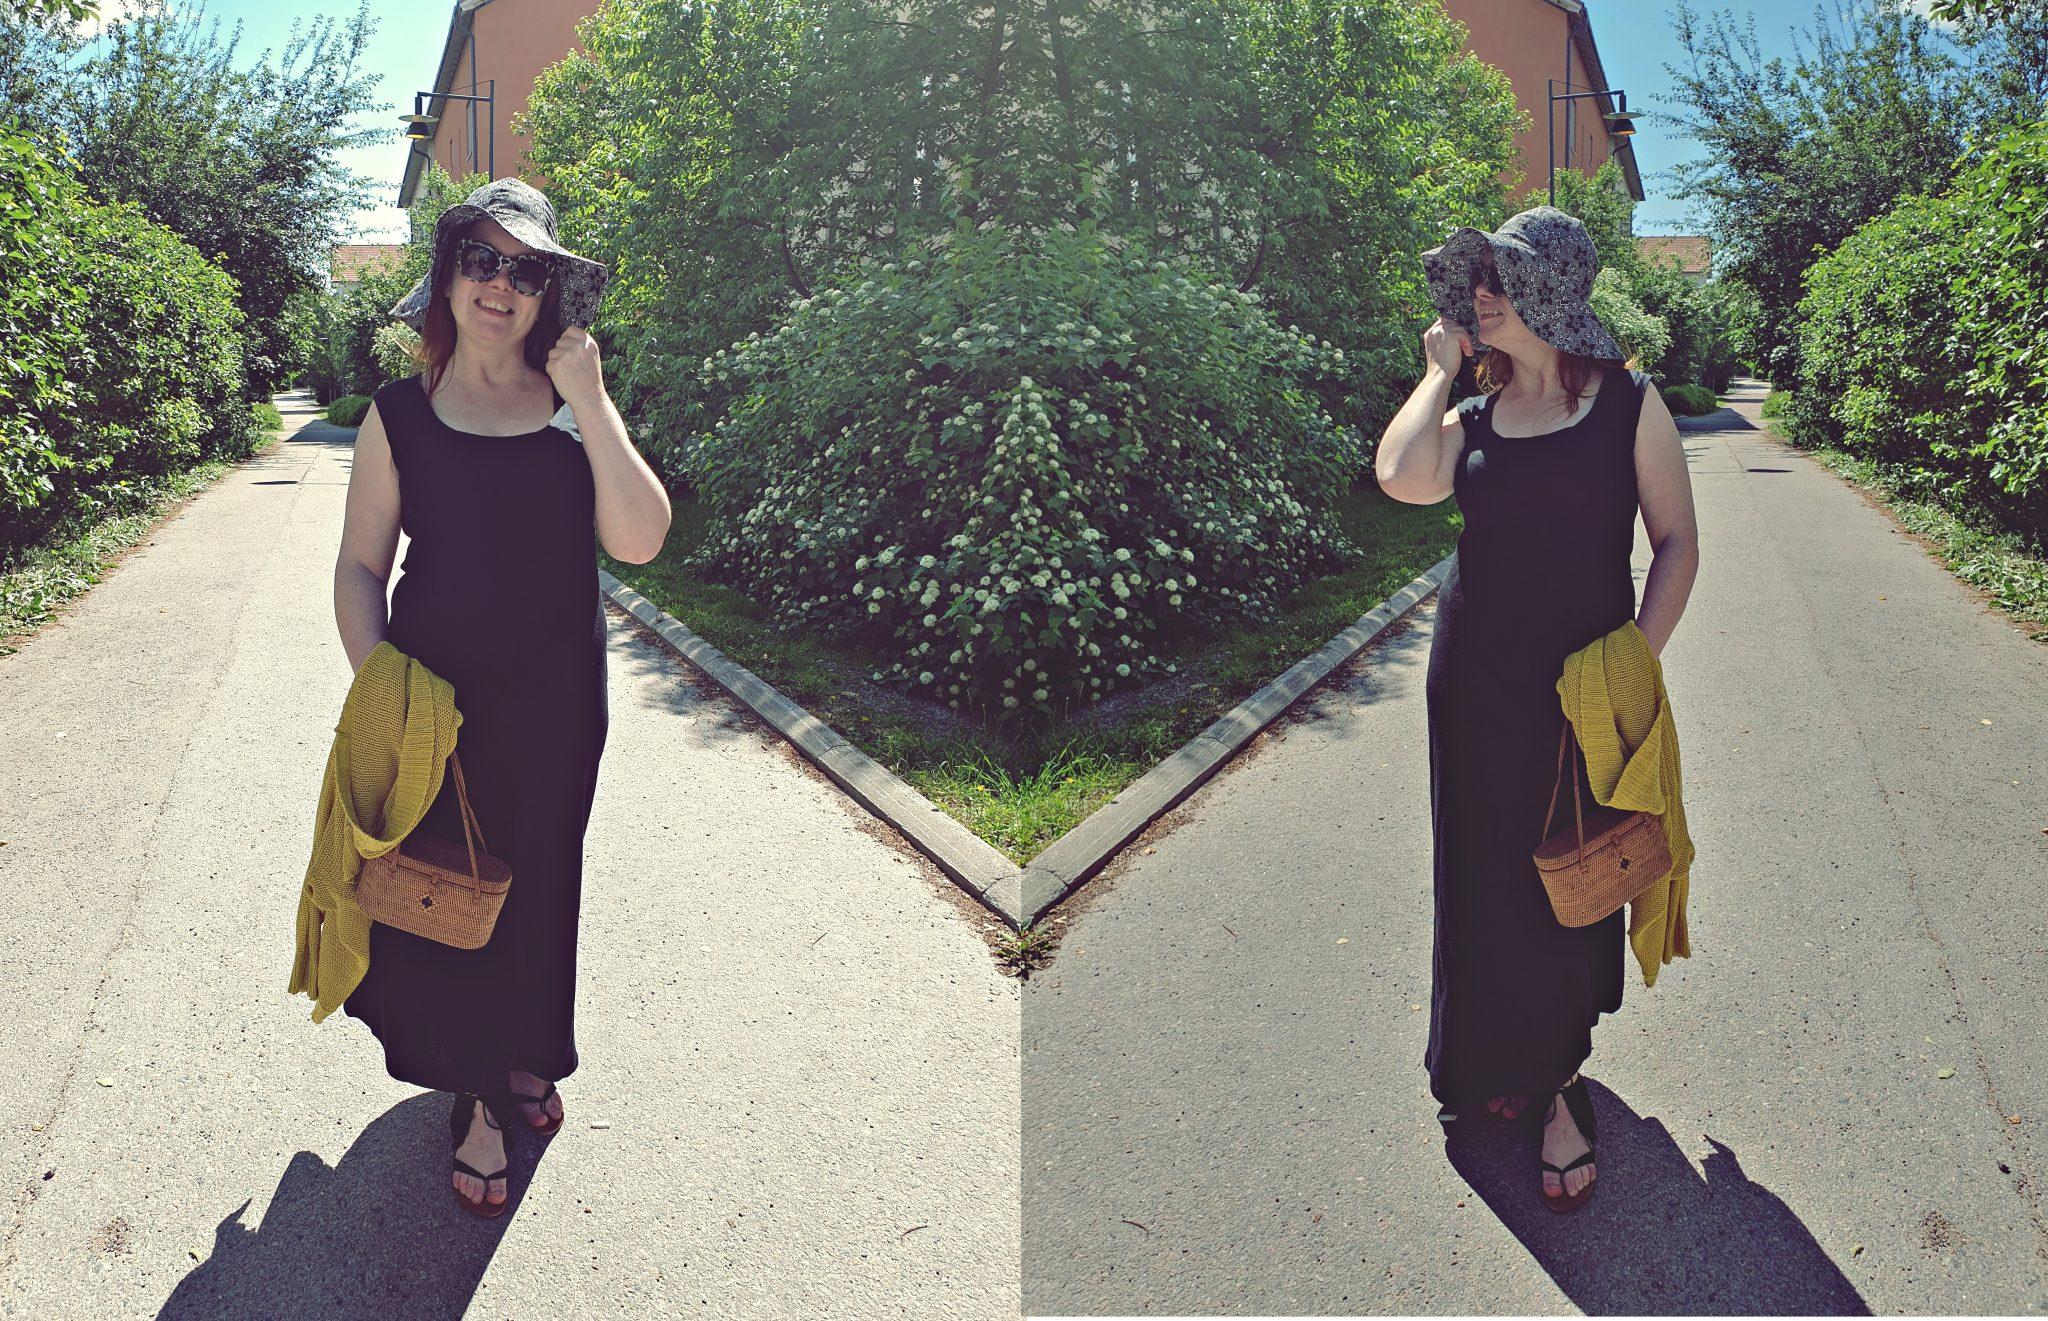 Melissan päivän asuna musta mekko ja kesähattu. Ompelu. Kuka minä olen.